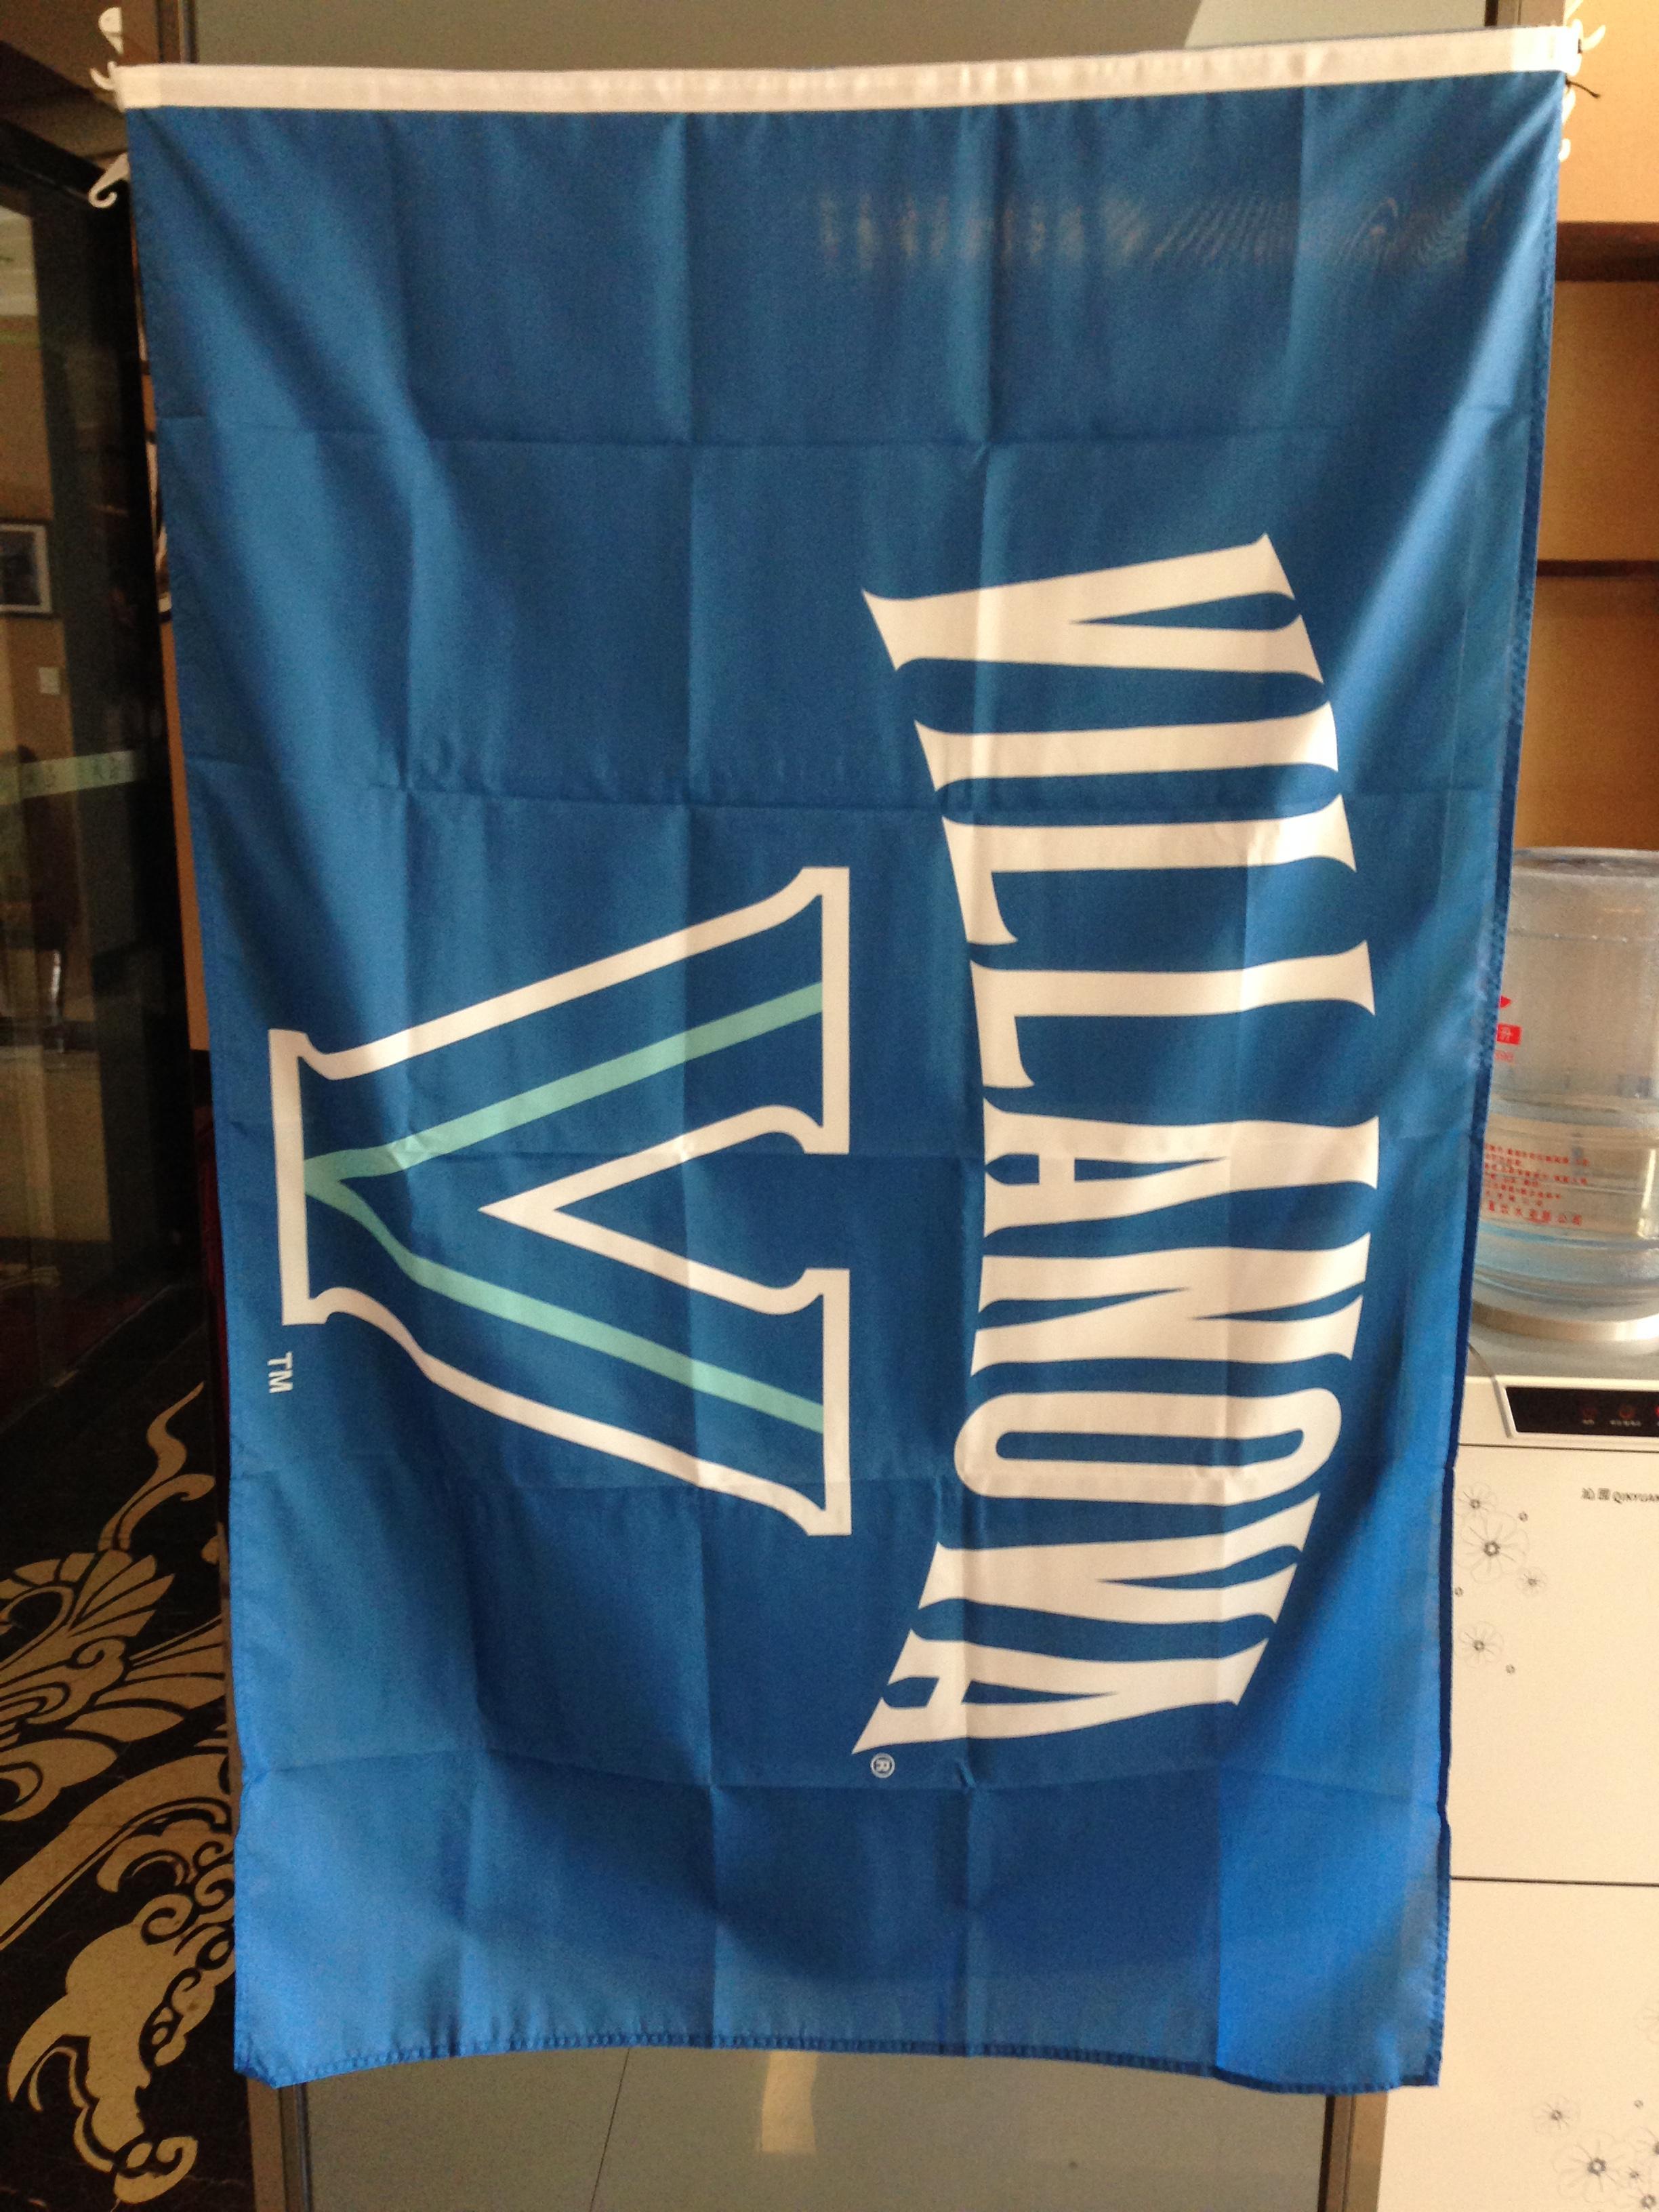 Pirinç Grometler Ücretsiz Kargo ile Villanova NCAA Bayrak 3x5FT 150x90cm 100D Polyester Baskı Kapalı Açık Asma Bayrağı